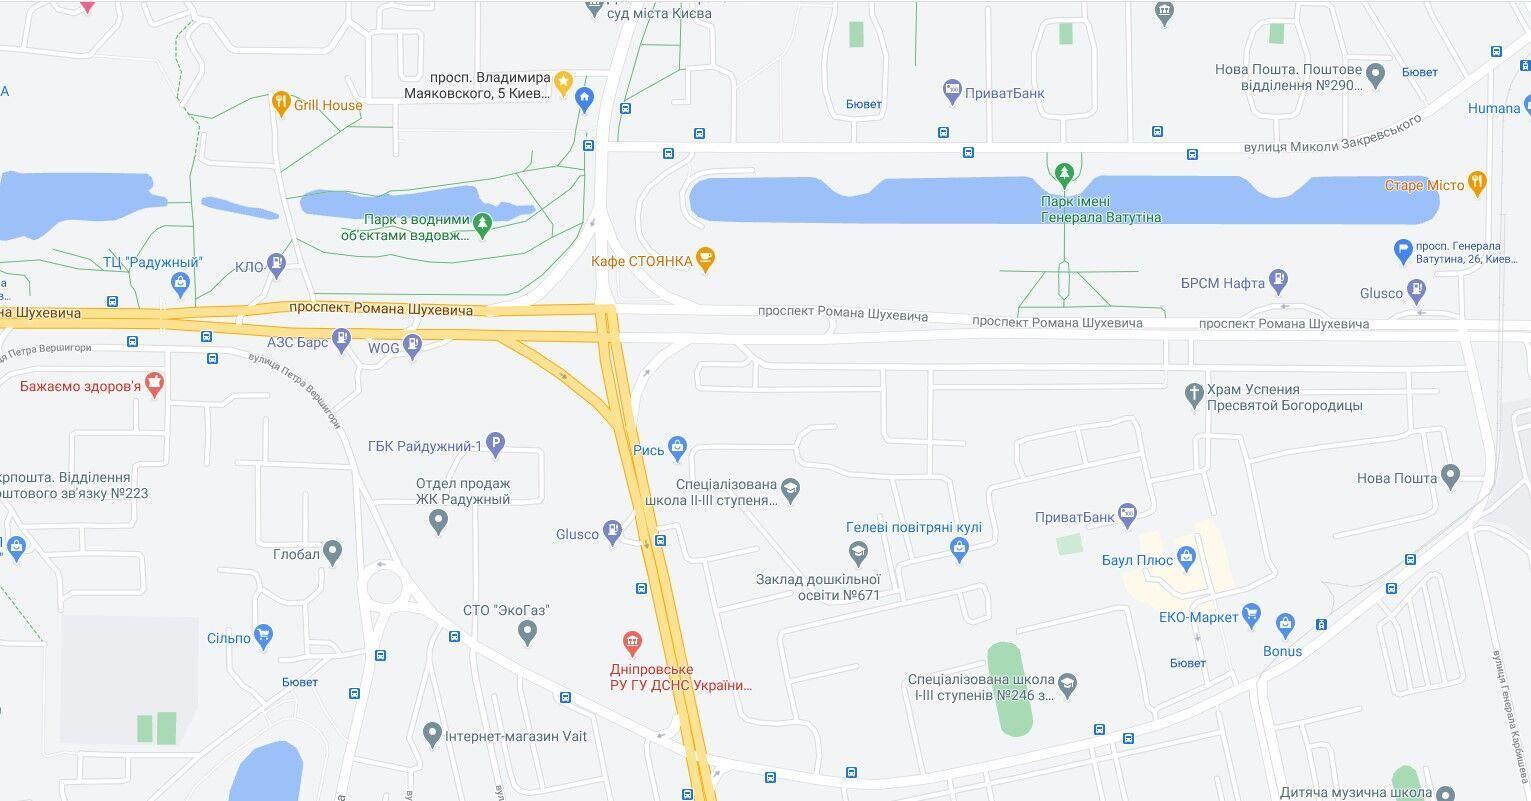 ЧП произошло в Днепровском районе.